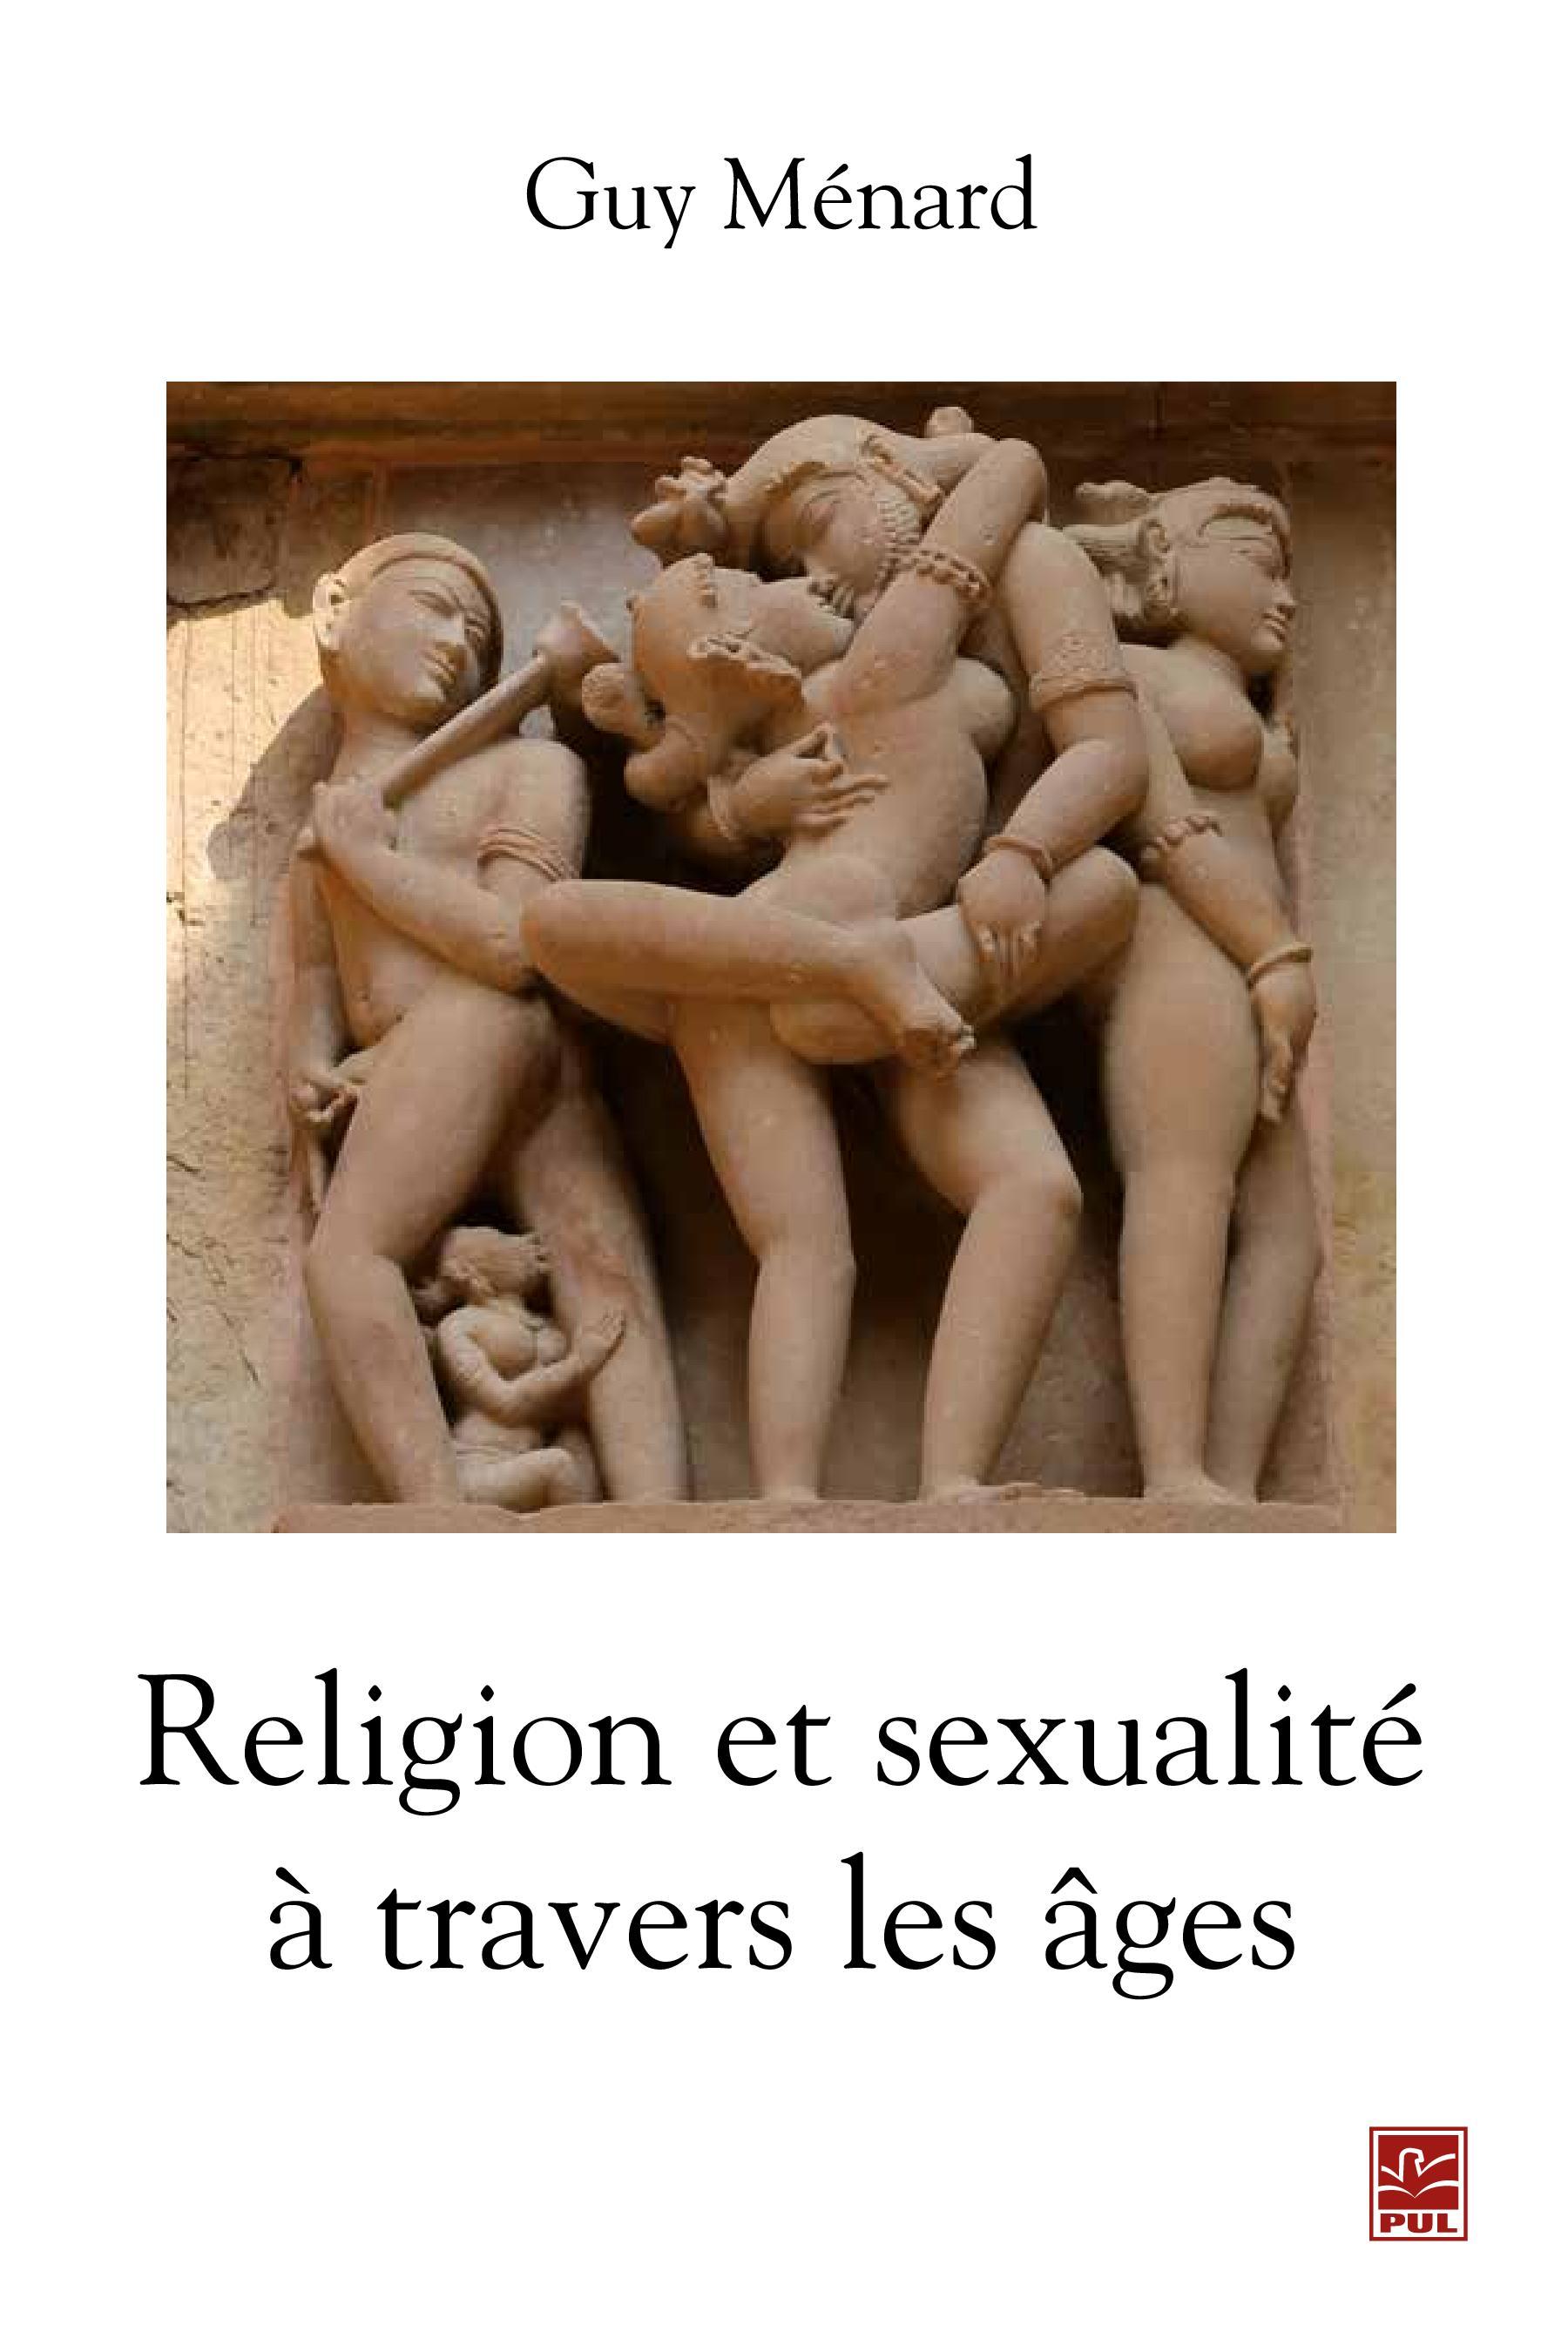 Religion et sexualitéà travers les âges